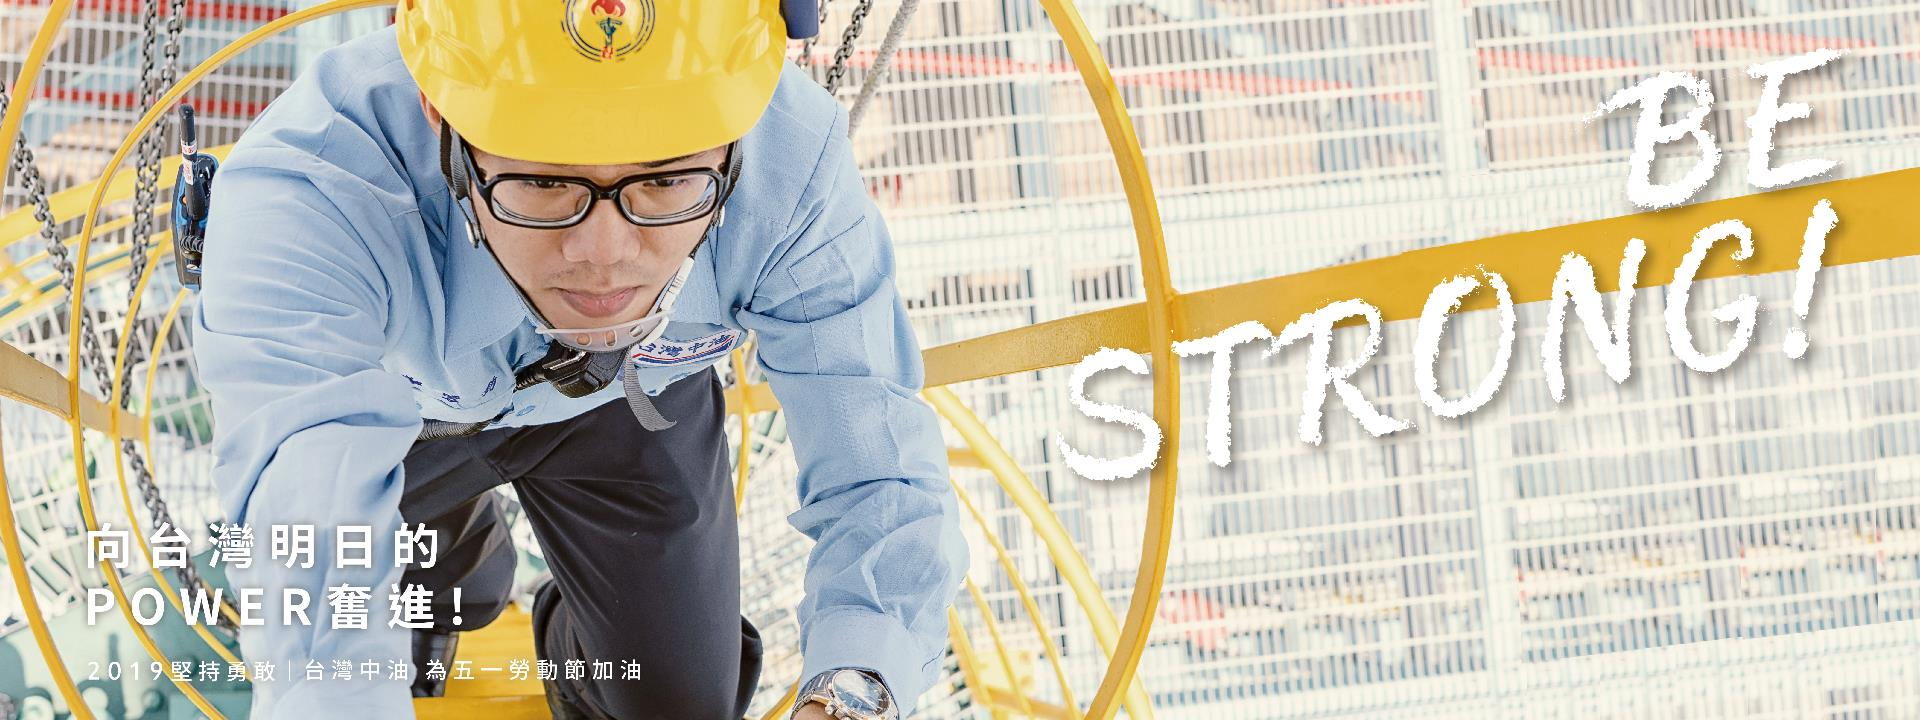 台灣中油為 勞工朋友的 向前無懼,讚聲致敬!